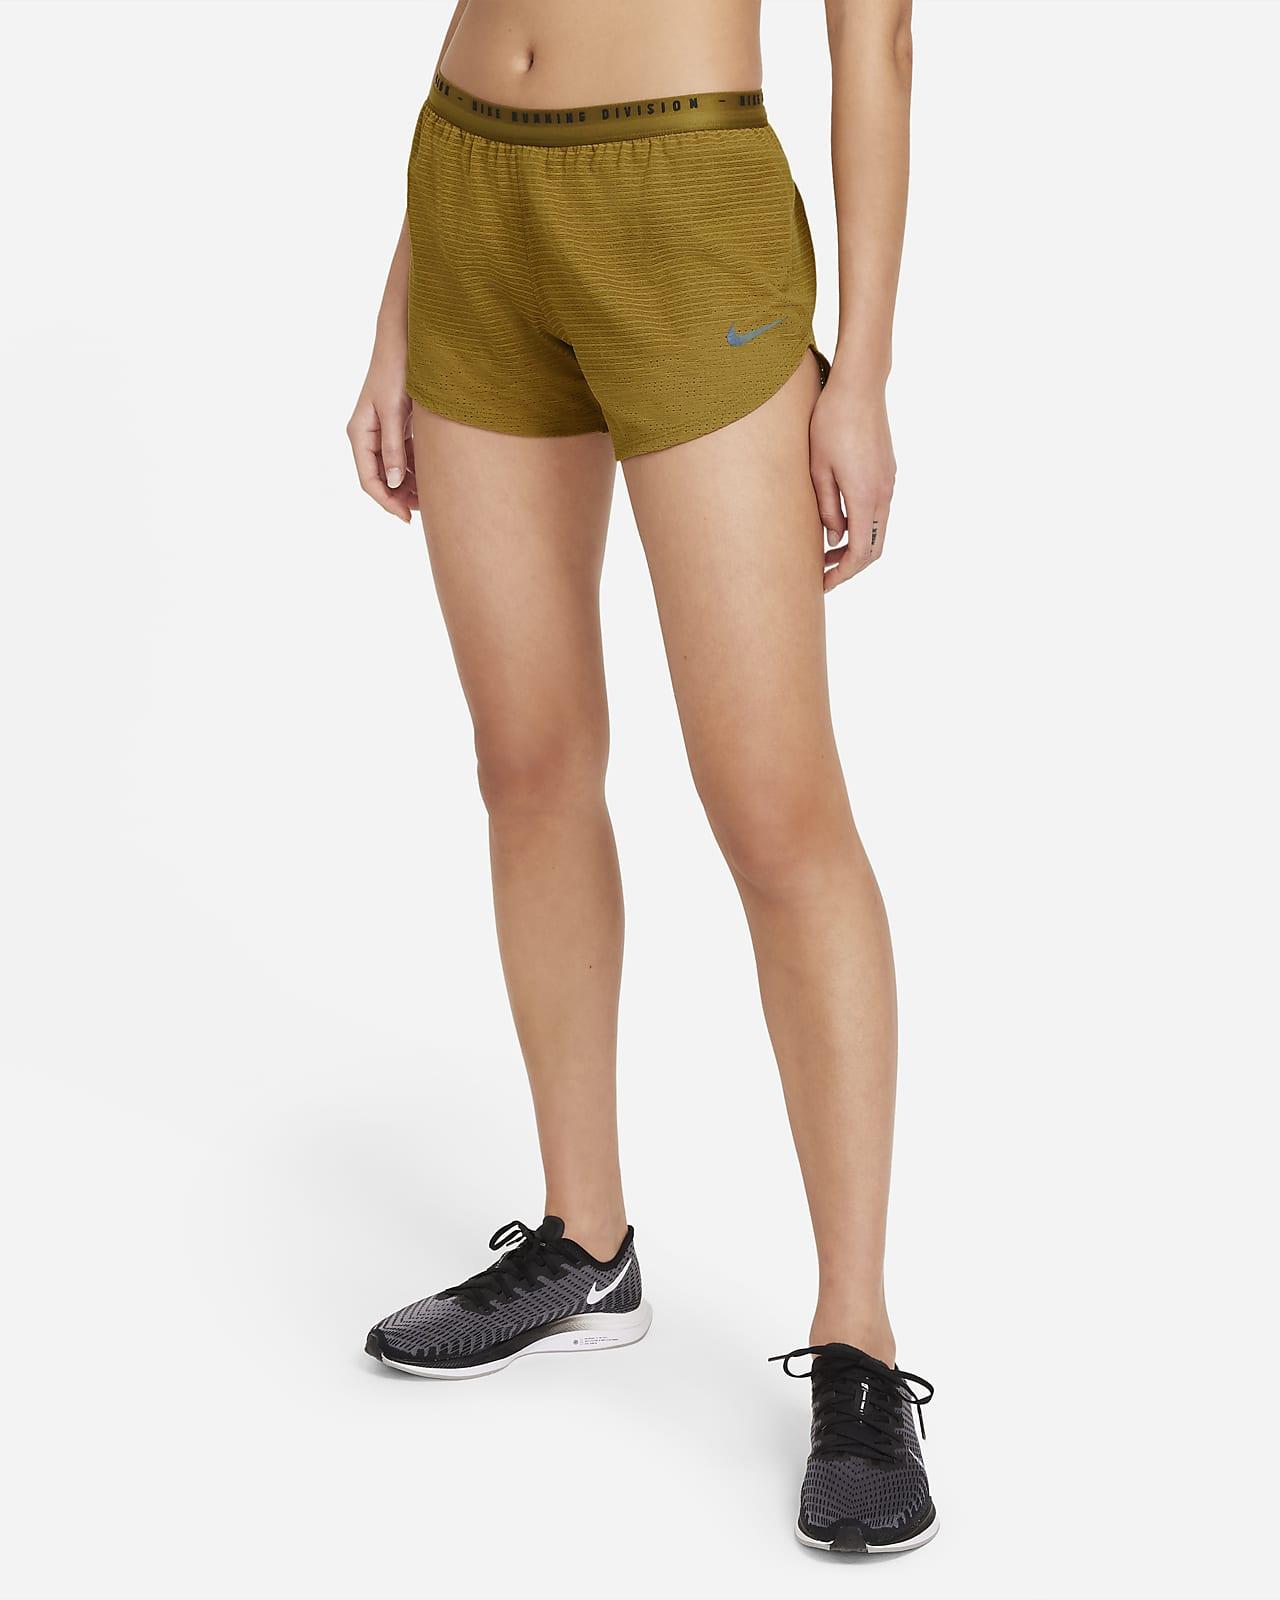 กางเกงวิ่งขาสั้นผู้หญิงออกแบบเชิงโครงสร้าง Nike Run Division